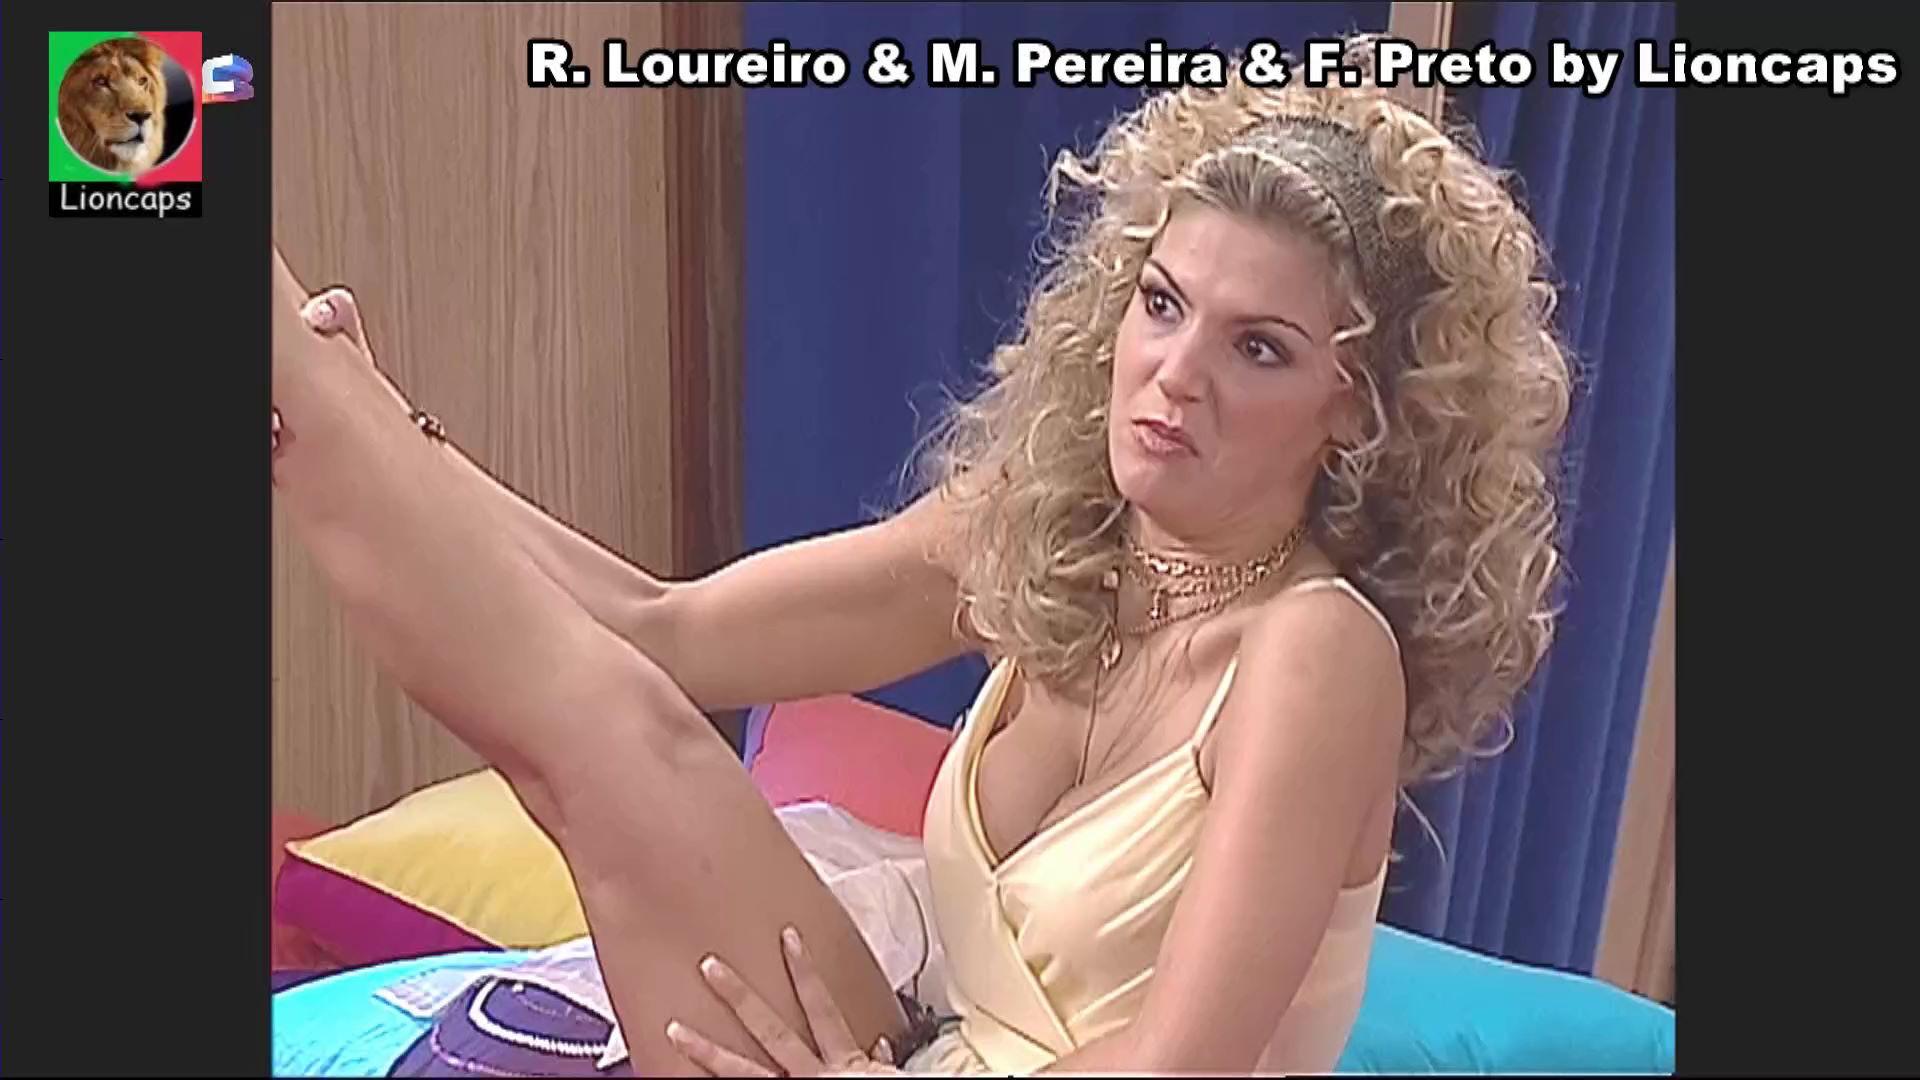 507997984_marta_pereira_vs190614_00917_122_516lo.JPG